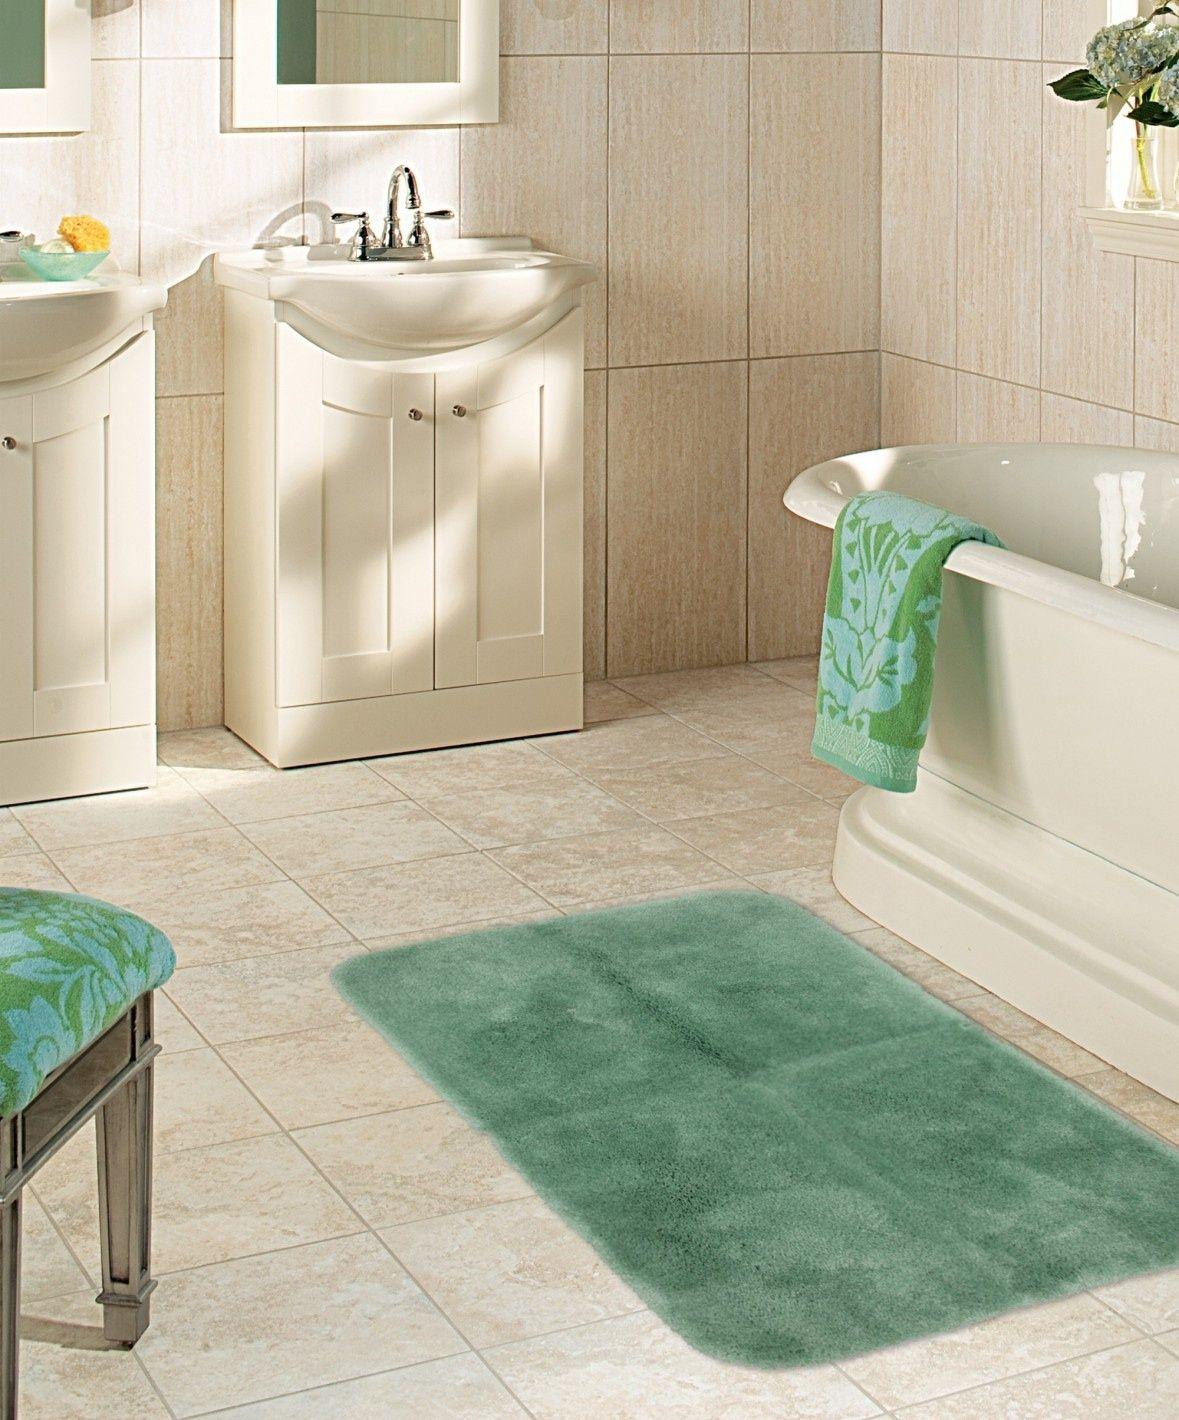 Green Bath Rugs Ideas [ 1420 x 1179 Pixel ]